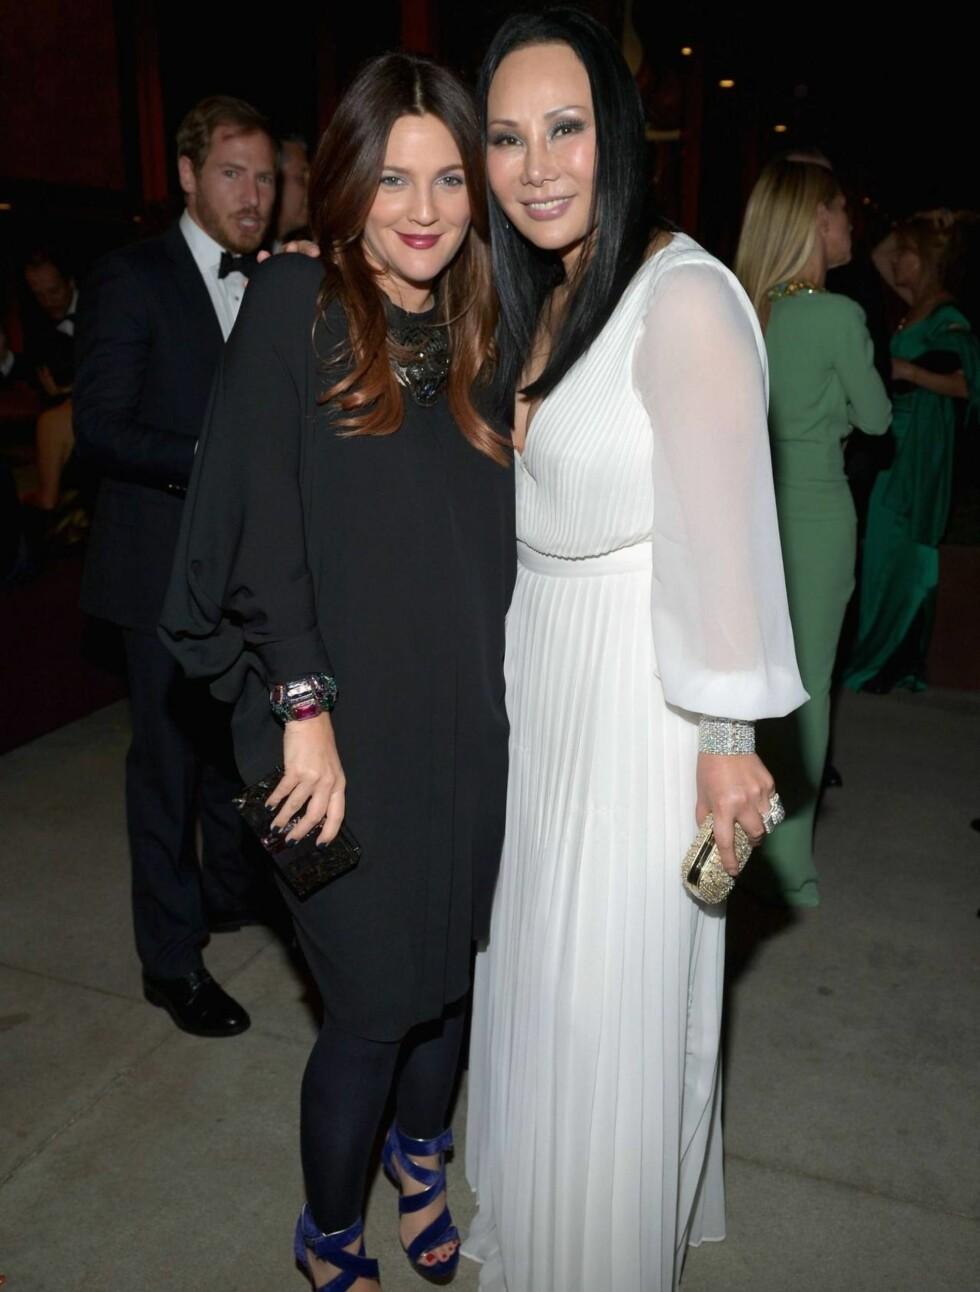 FØRSTE BILDET ETTER FØDSELEN: Drew Barrymore med Eva Chow på LACMA 2012 Art + Film-galla i Los Angeles nøyaktig én måned etter at lille Olive ble født. Foto: All Over Press